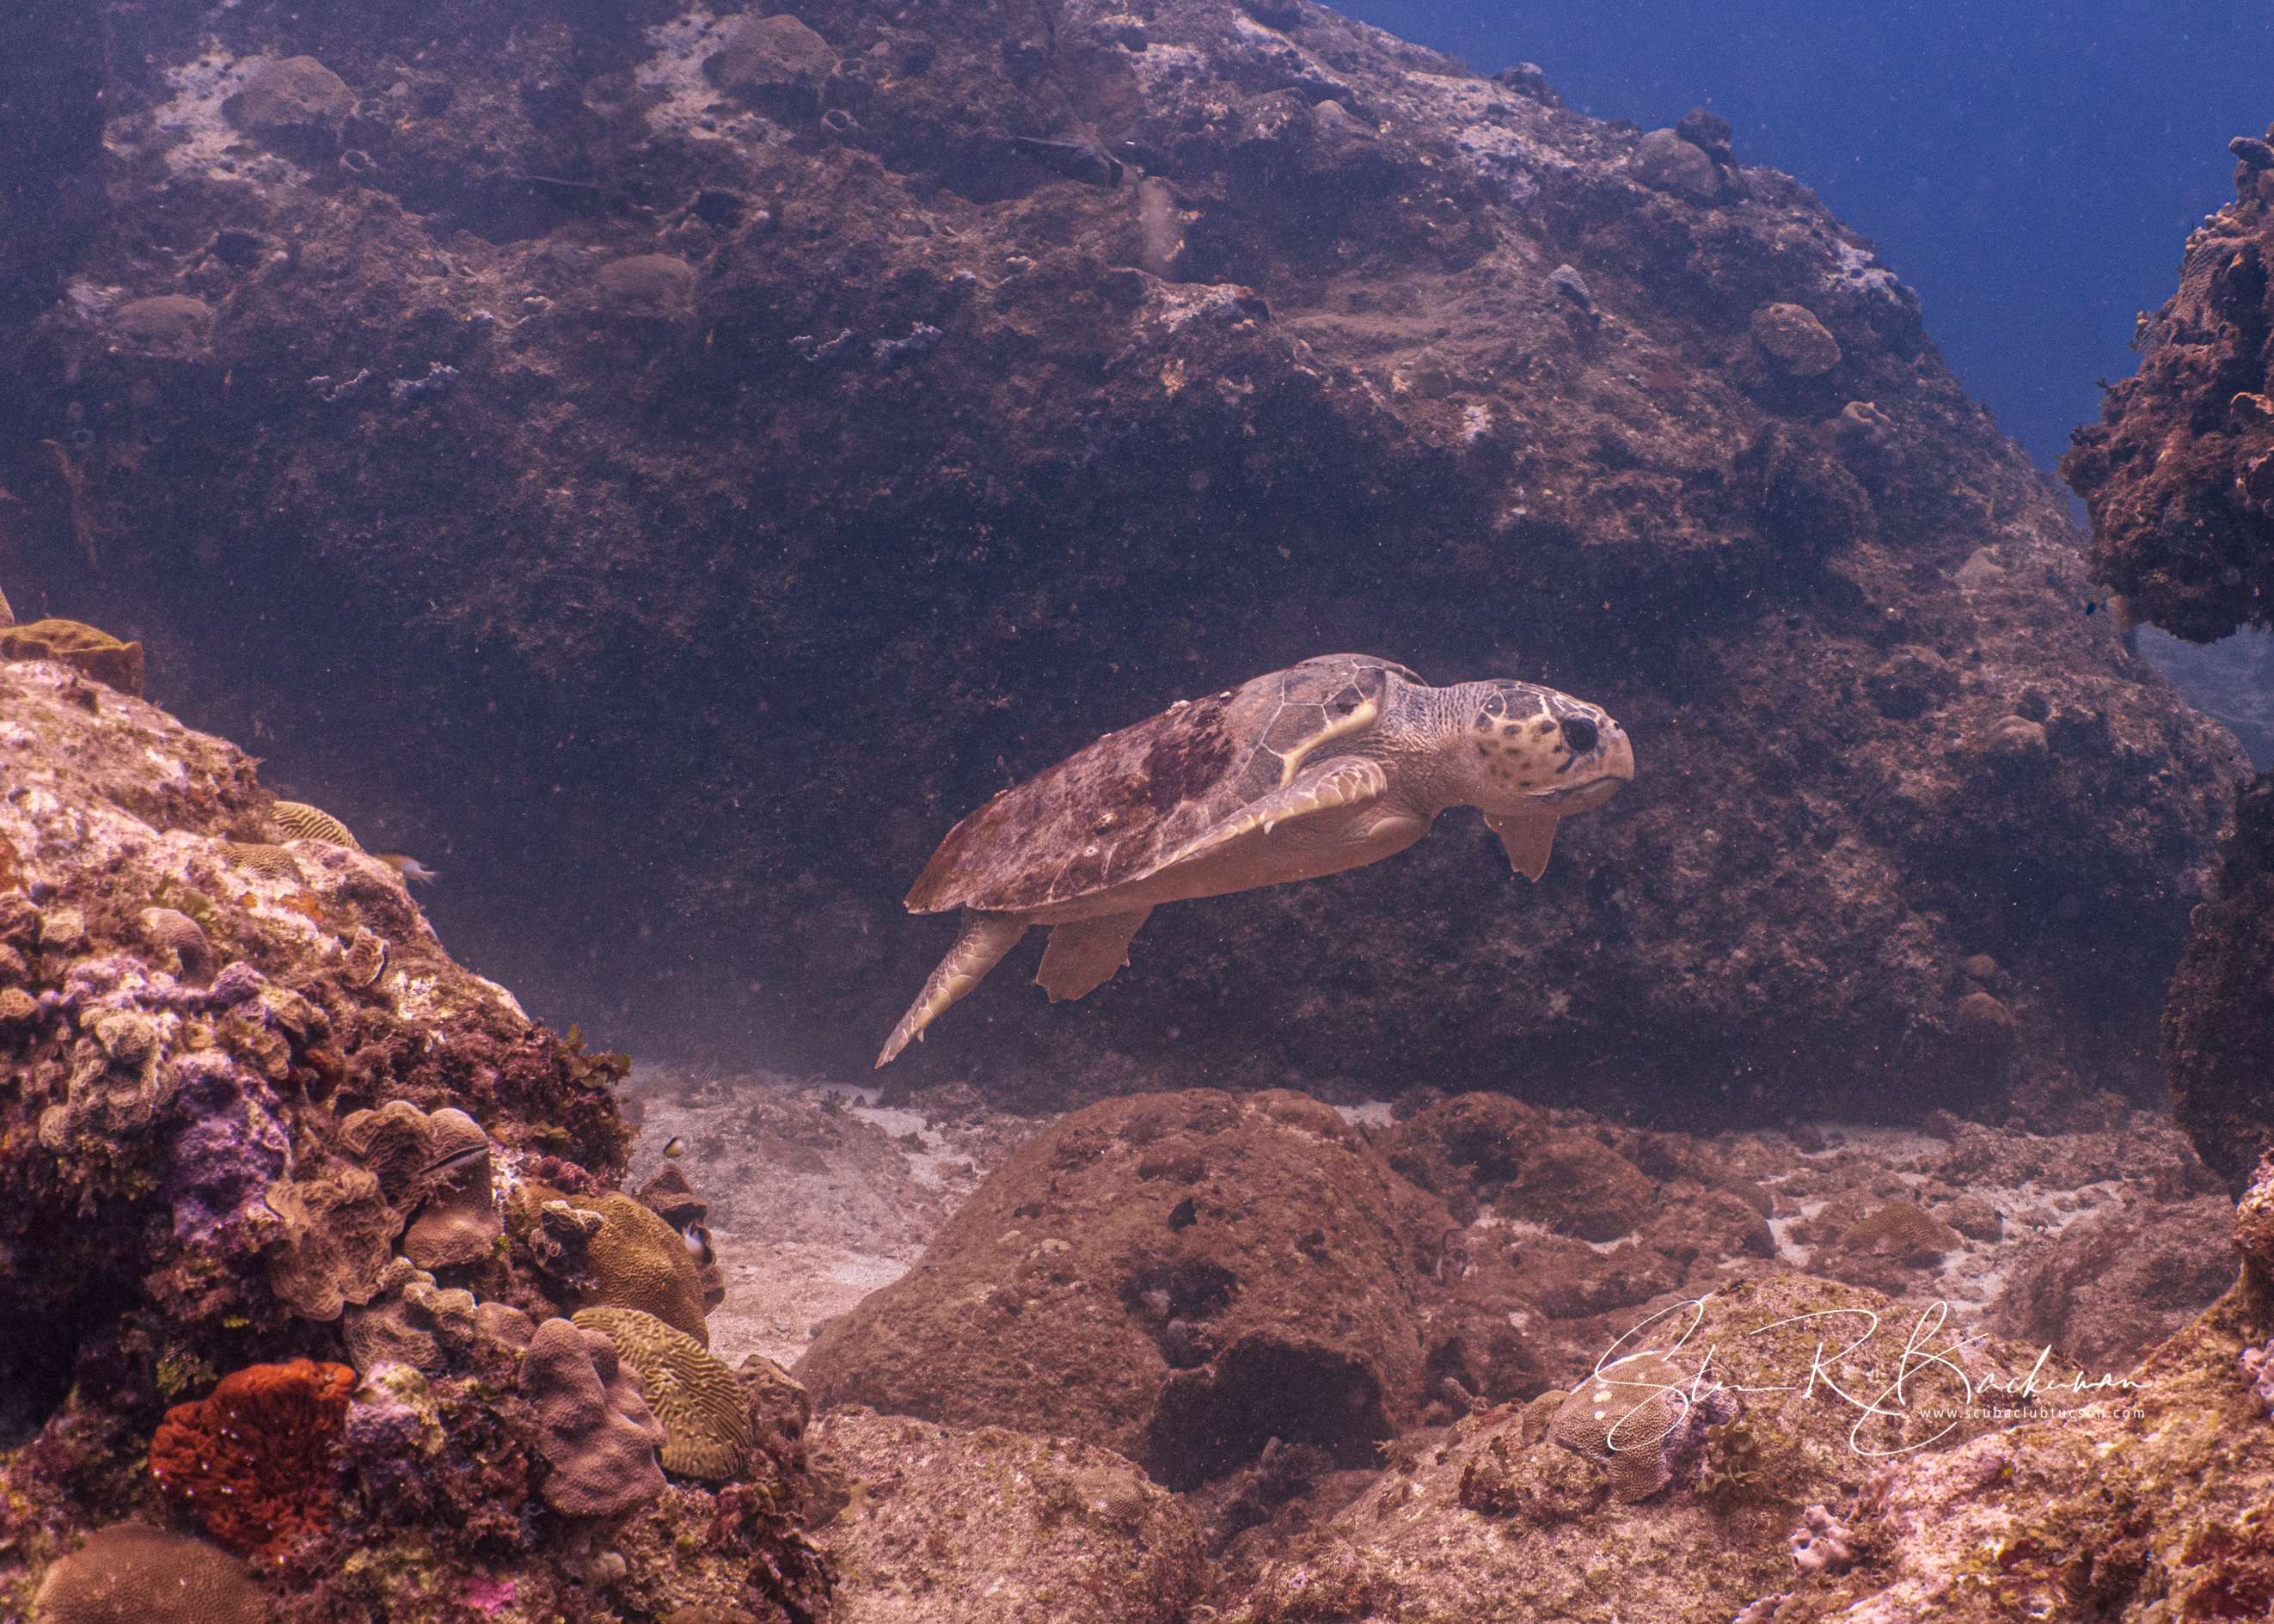 Loggerhead-Sea-Turtle-5193